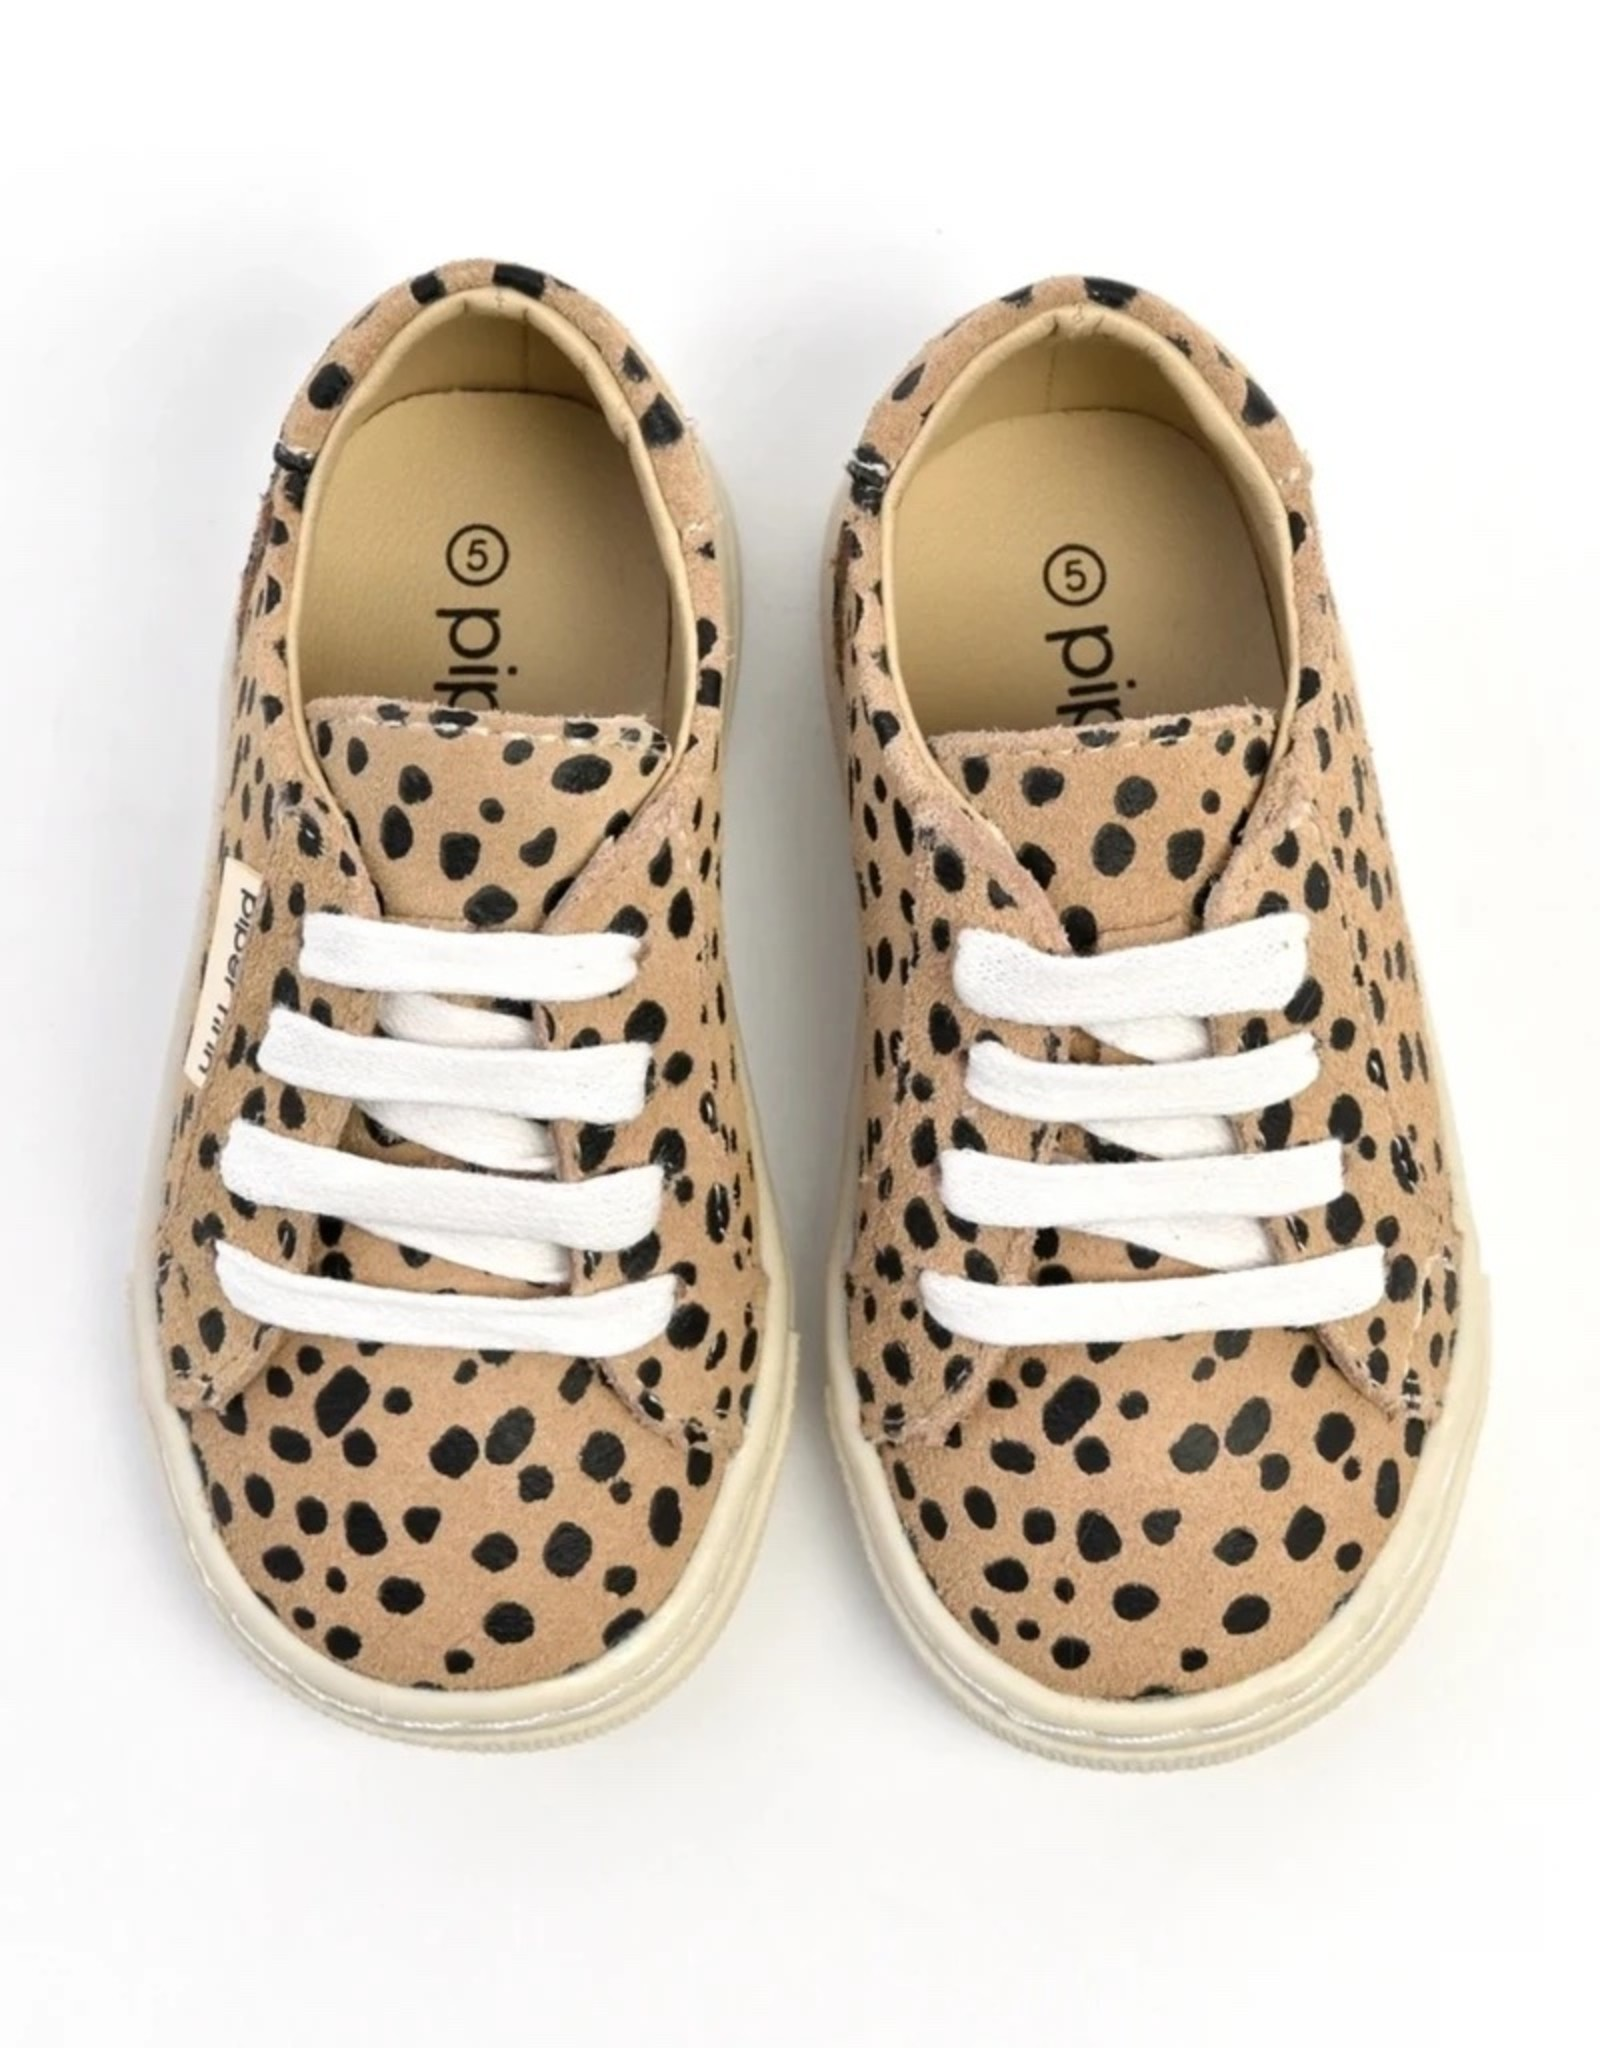 Piper Finn Piper Finn Cheetah  Low Top Sneaker